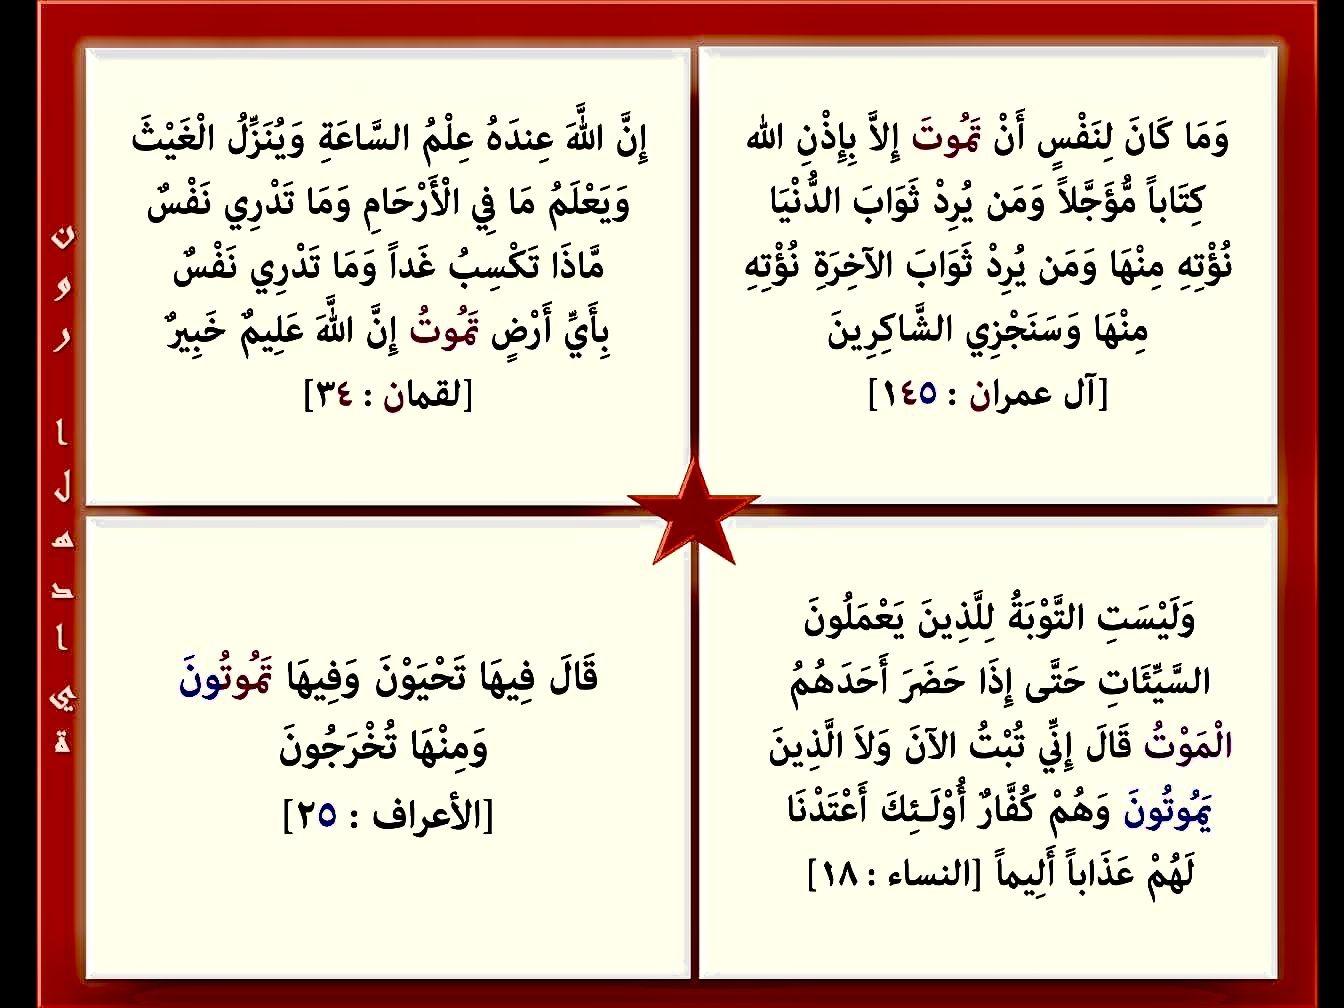 تموت مرتان في القرآن تموتون وحيدة في الأعراف ٢٥ يموت خمس مرات في القرآن يموتون وحيدة في النساء ١٨ فيموتوا وحيدة في فاطر ٣٦ تموتن مرتان